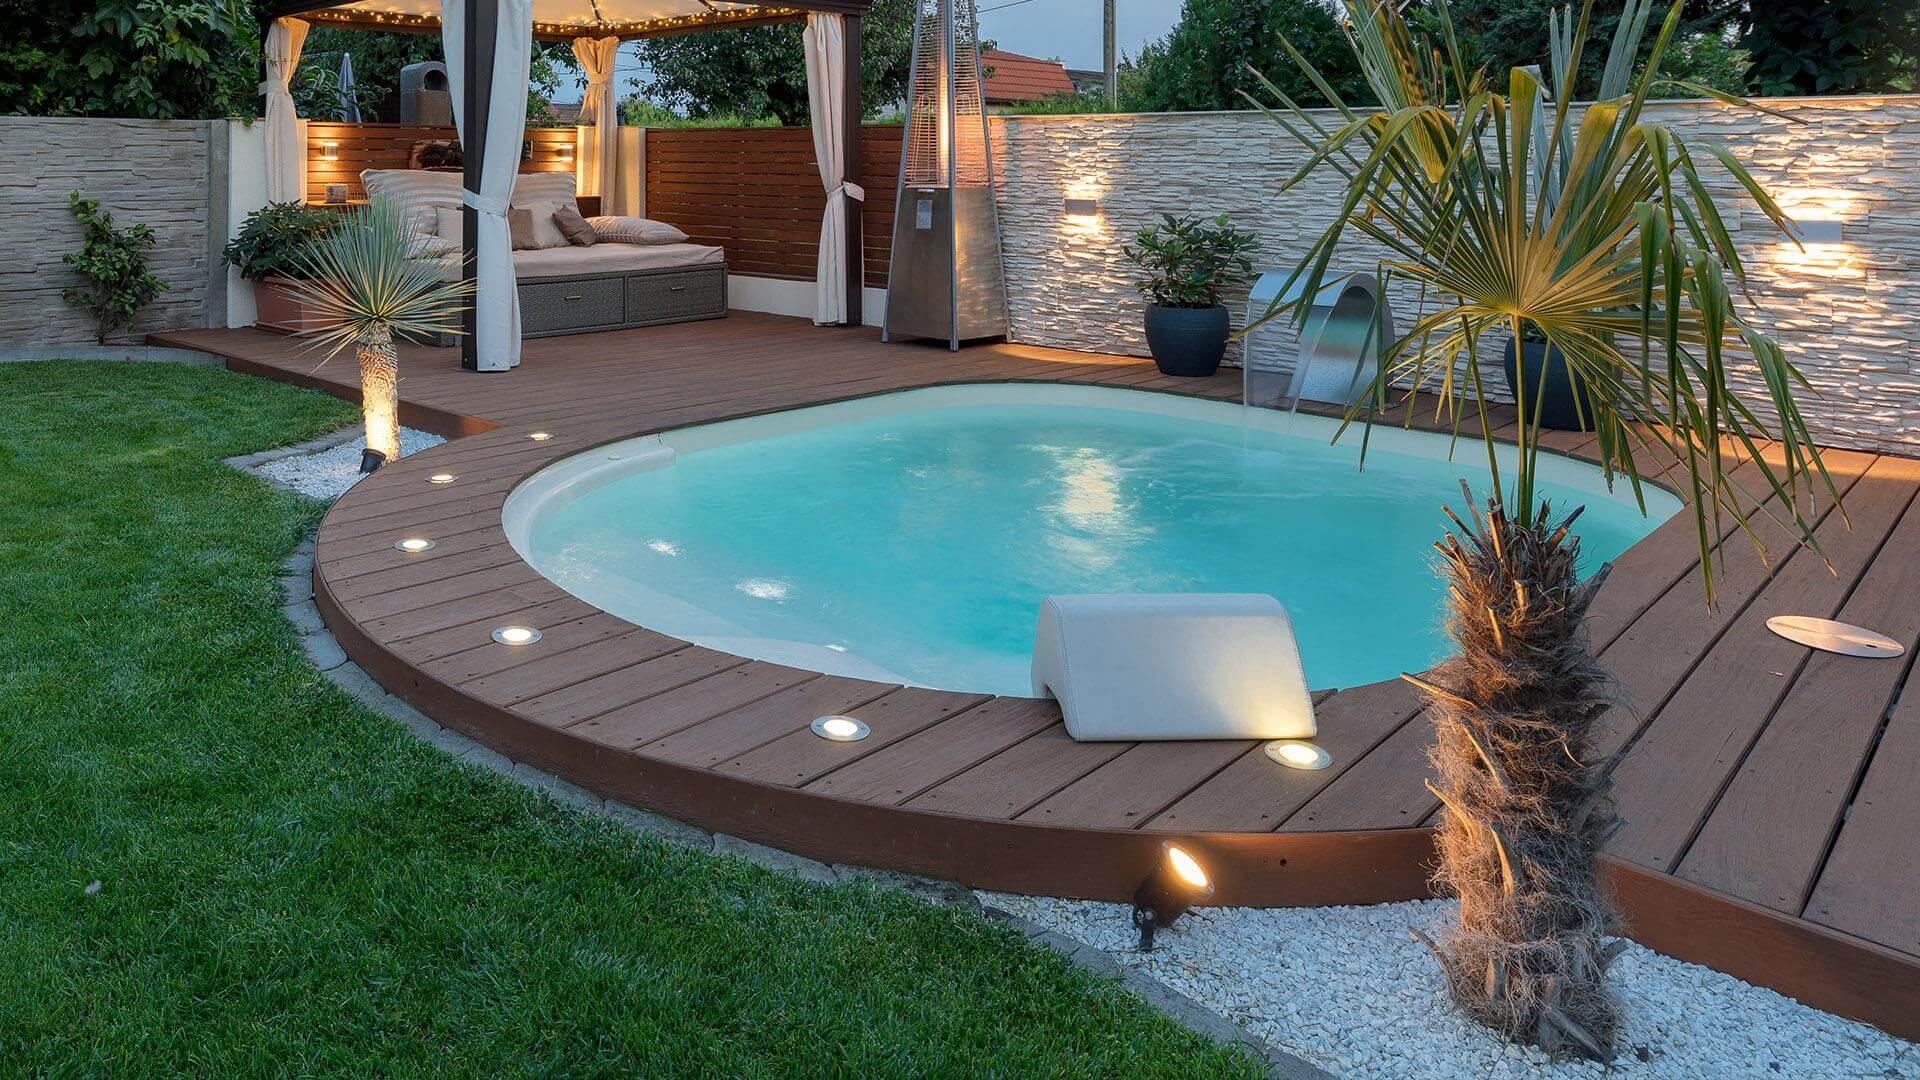 Mini Piscine Petit Jardin piscine lola mini - la petite piscine pour tous | piscines